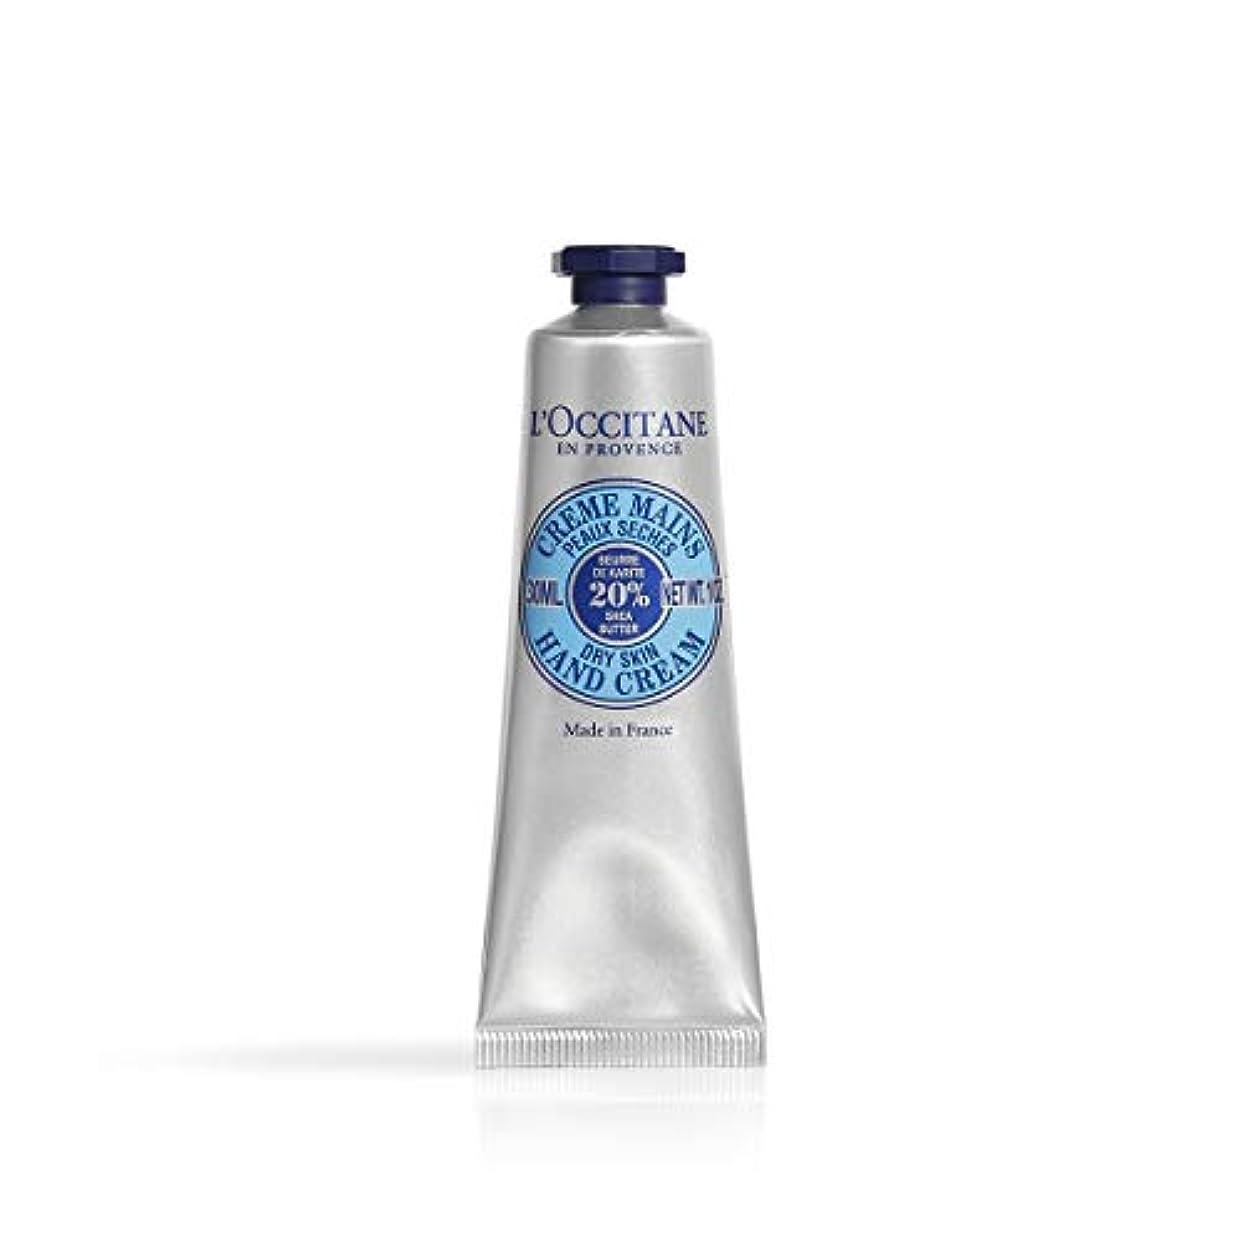 撤退豊かにする余分なロクシタン(L'OCCITANE) シア ハンドクリーム 30ml